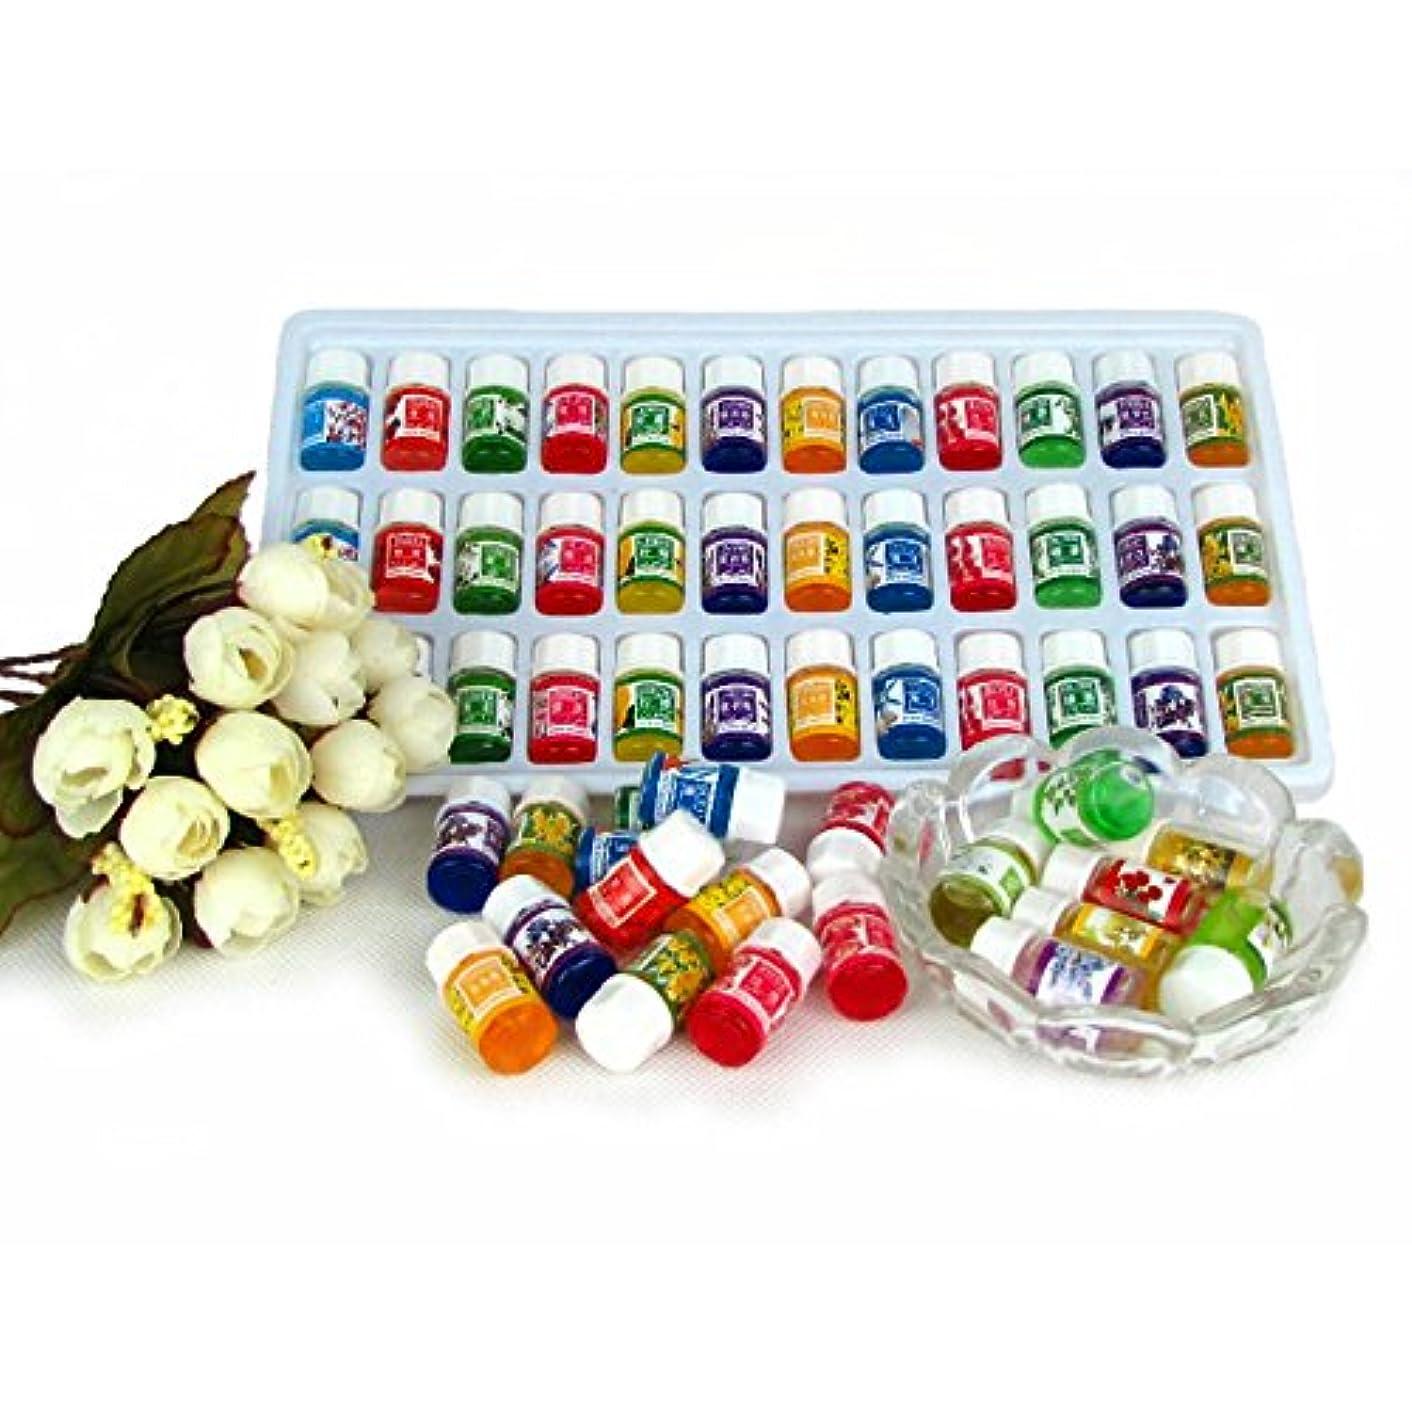 特徴メンバー理解するHongch ピュアラベンダーエッセンシャルオイル 毎日パックセット ナチュラル36pcs / lot 水溶性 12種類の香り 毎日